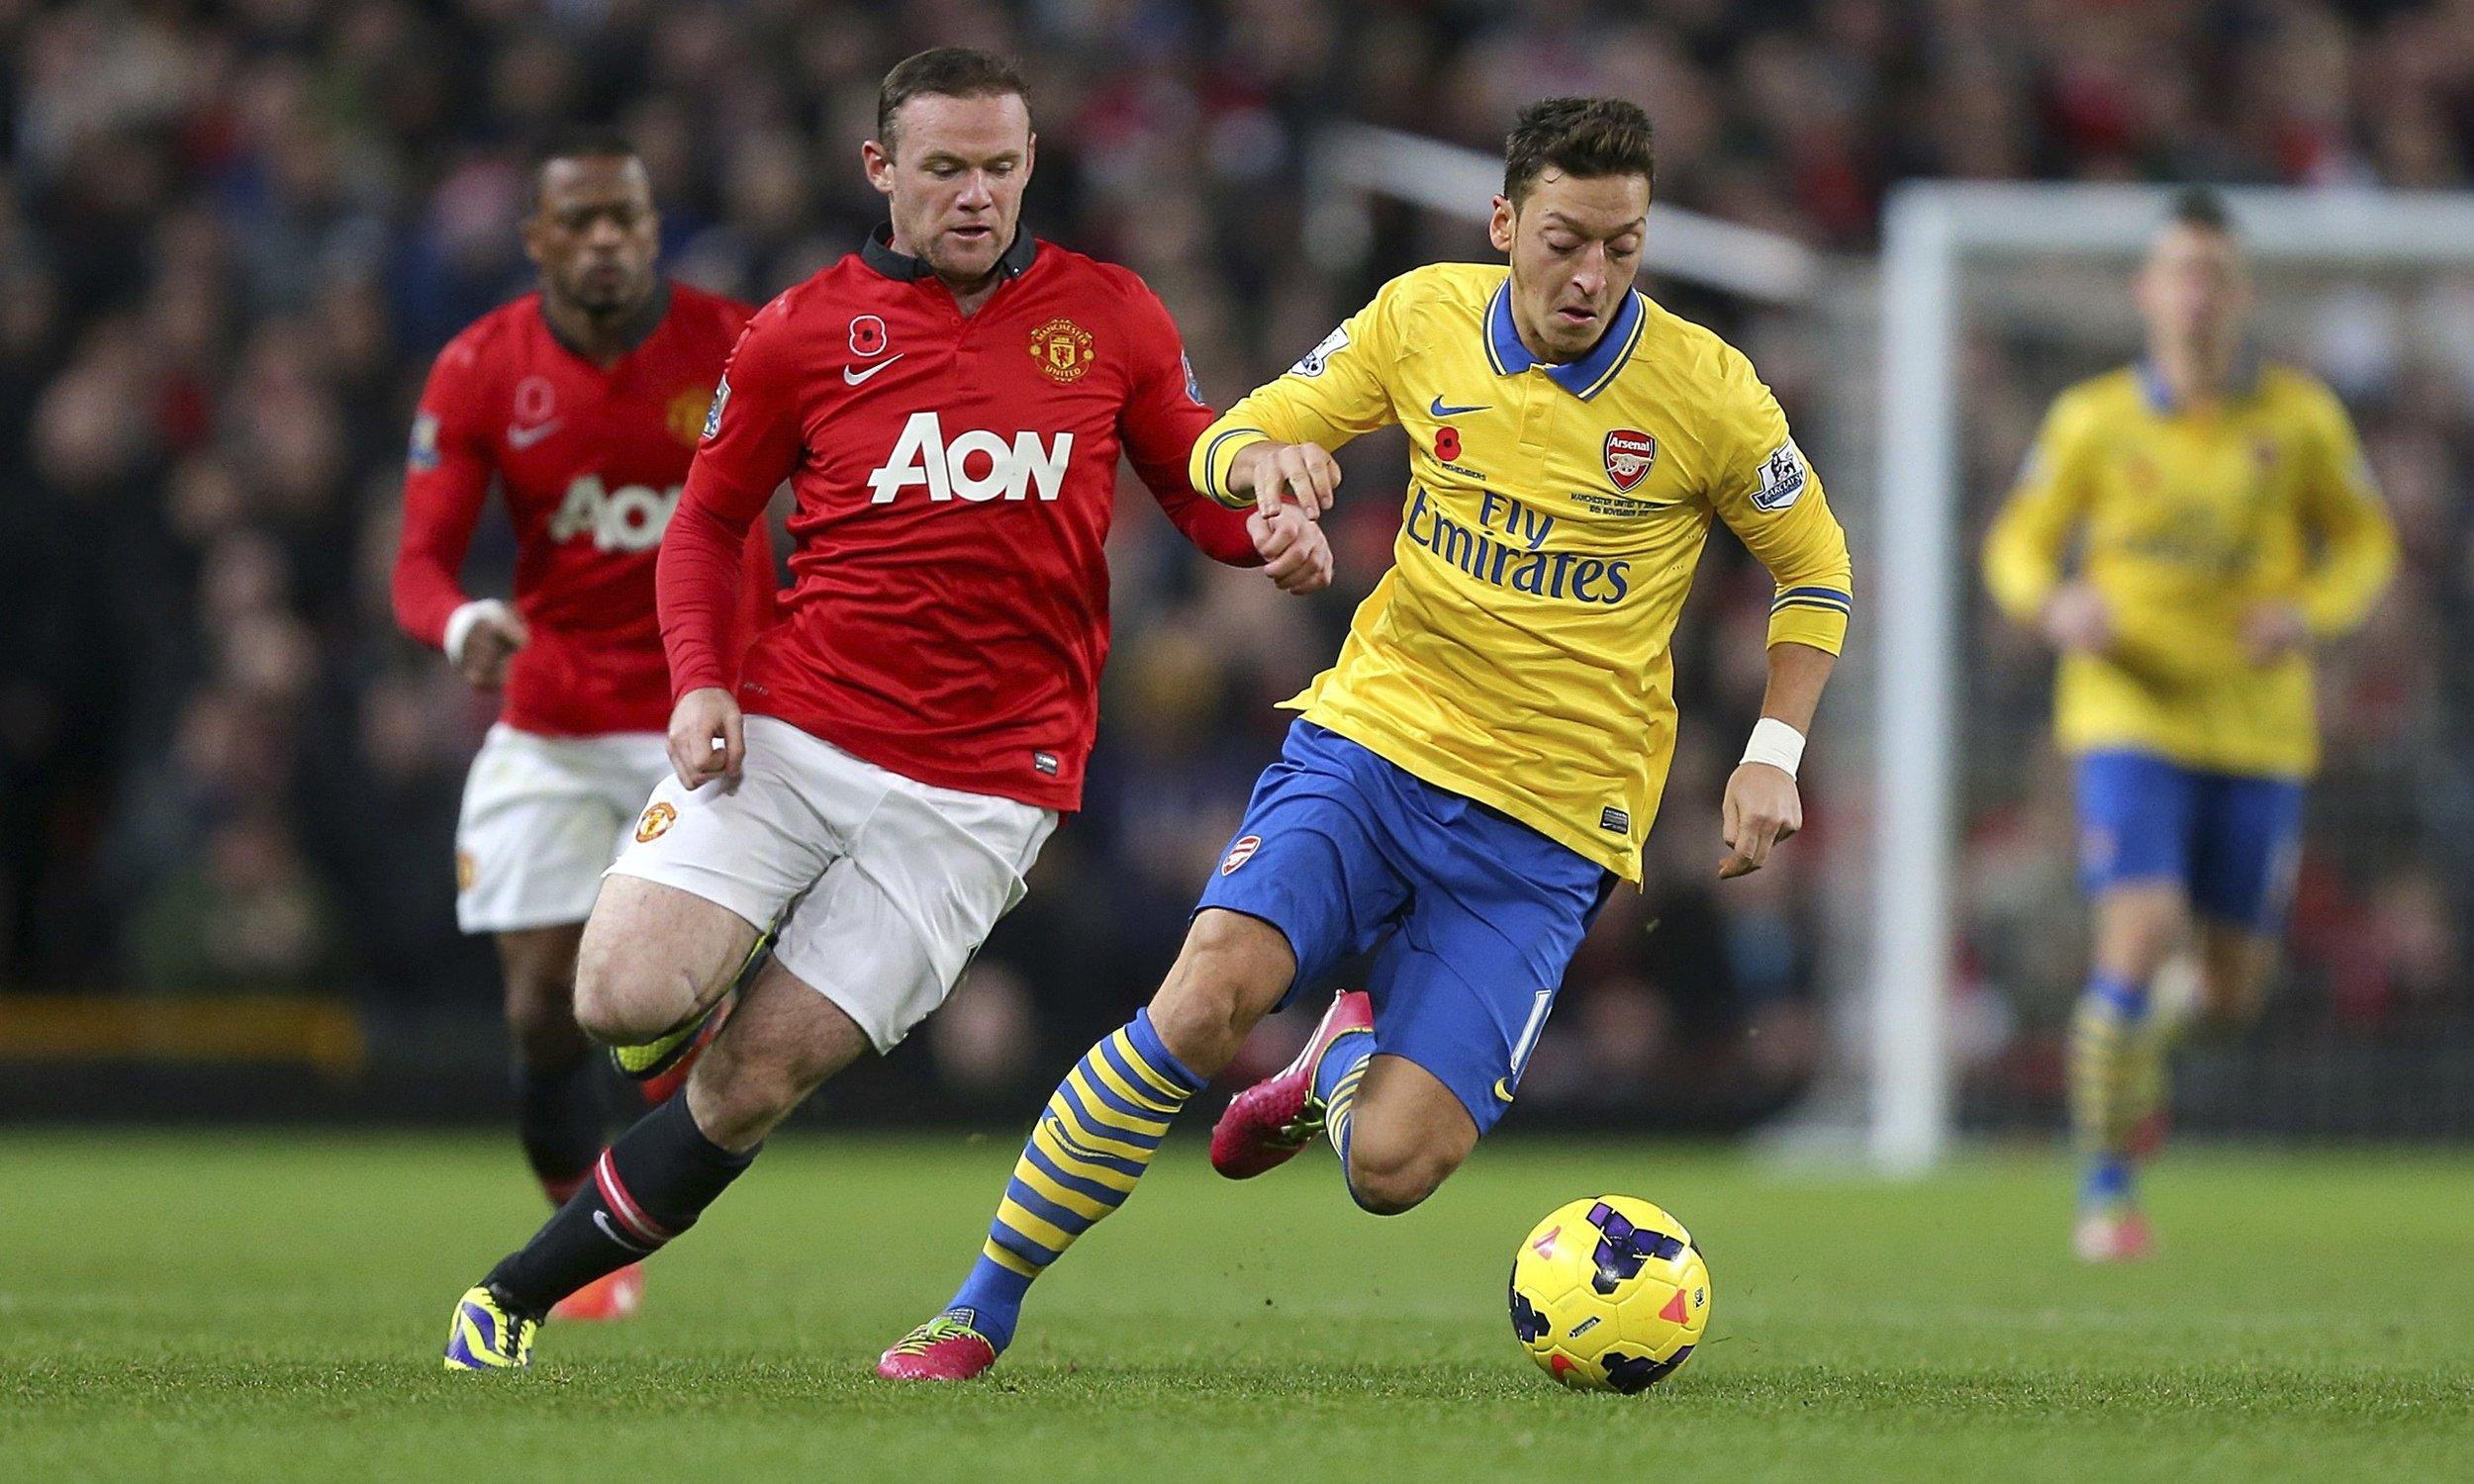 Manchester-United-vs-Arsenal-2.jpg